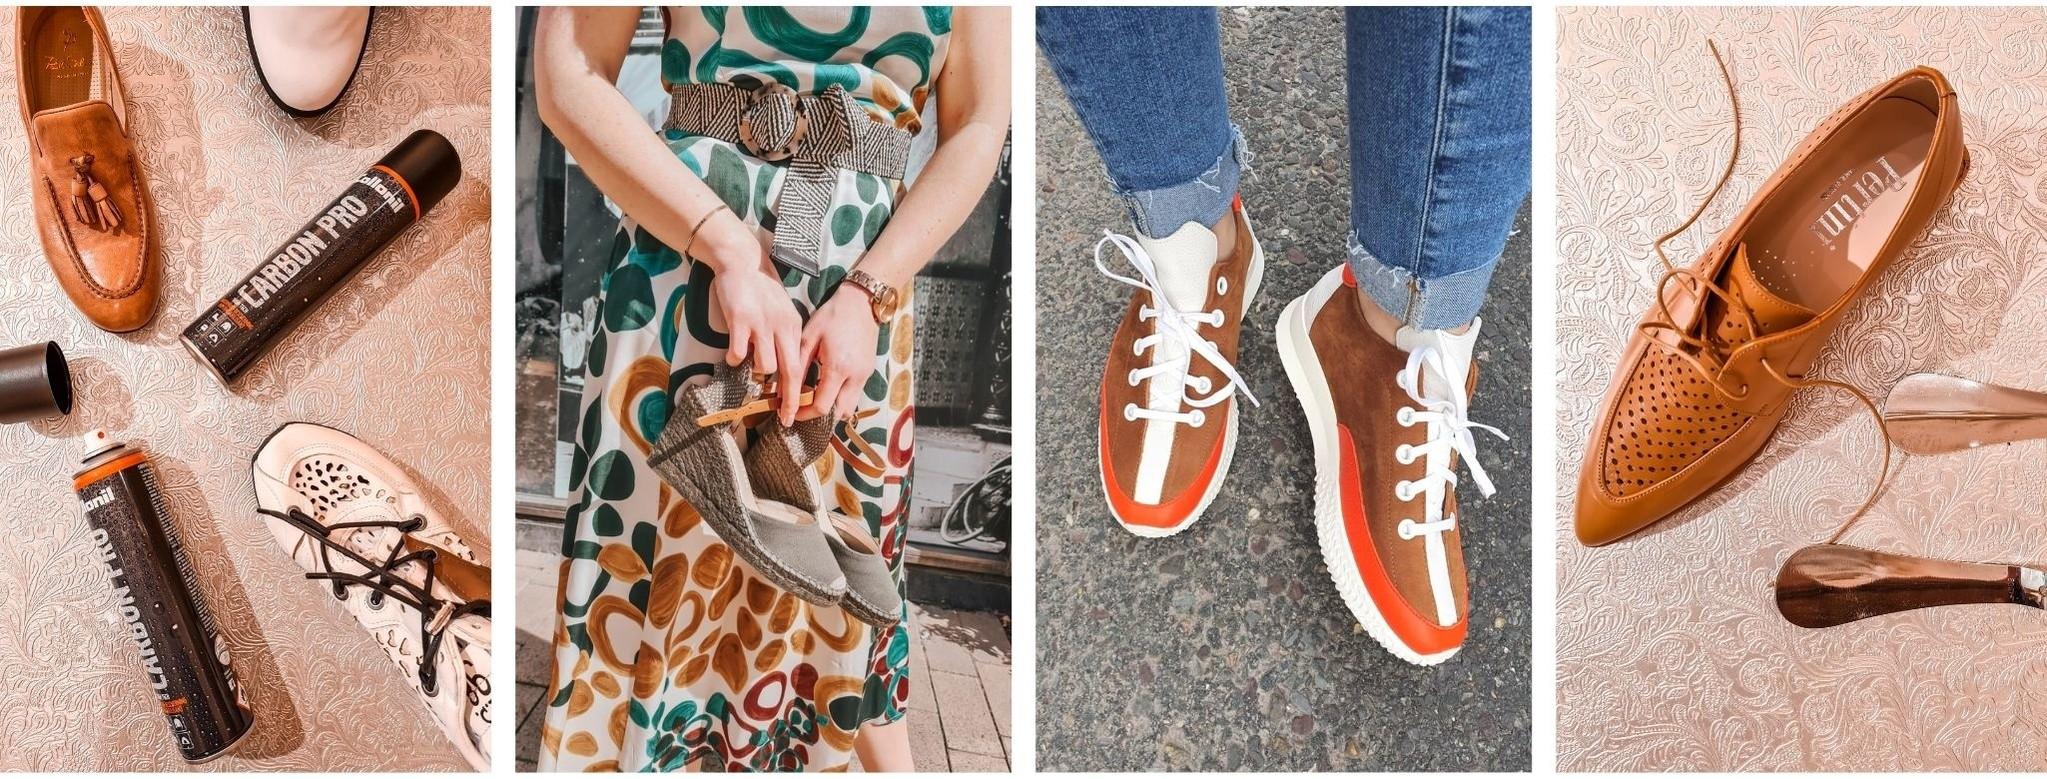 Schoenen onderhouden 4 tips speciaal voor jou!